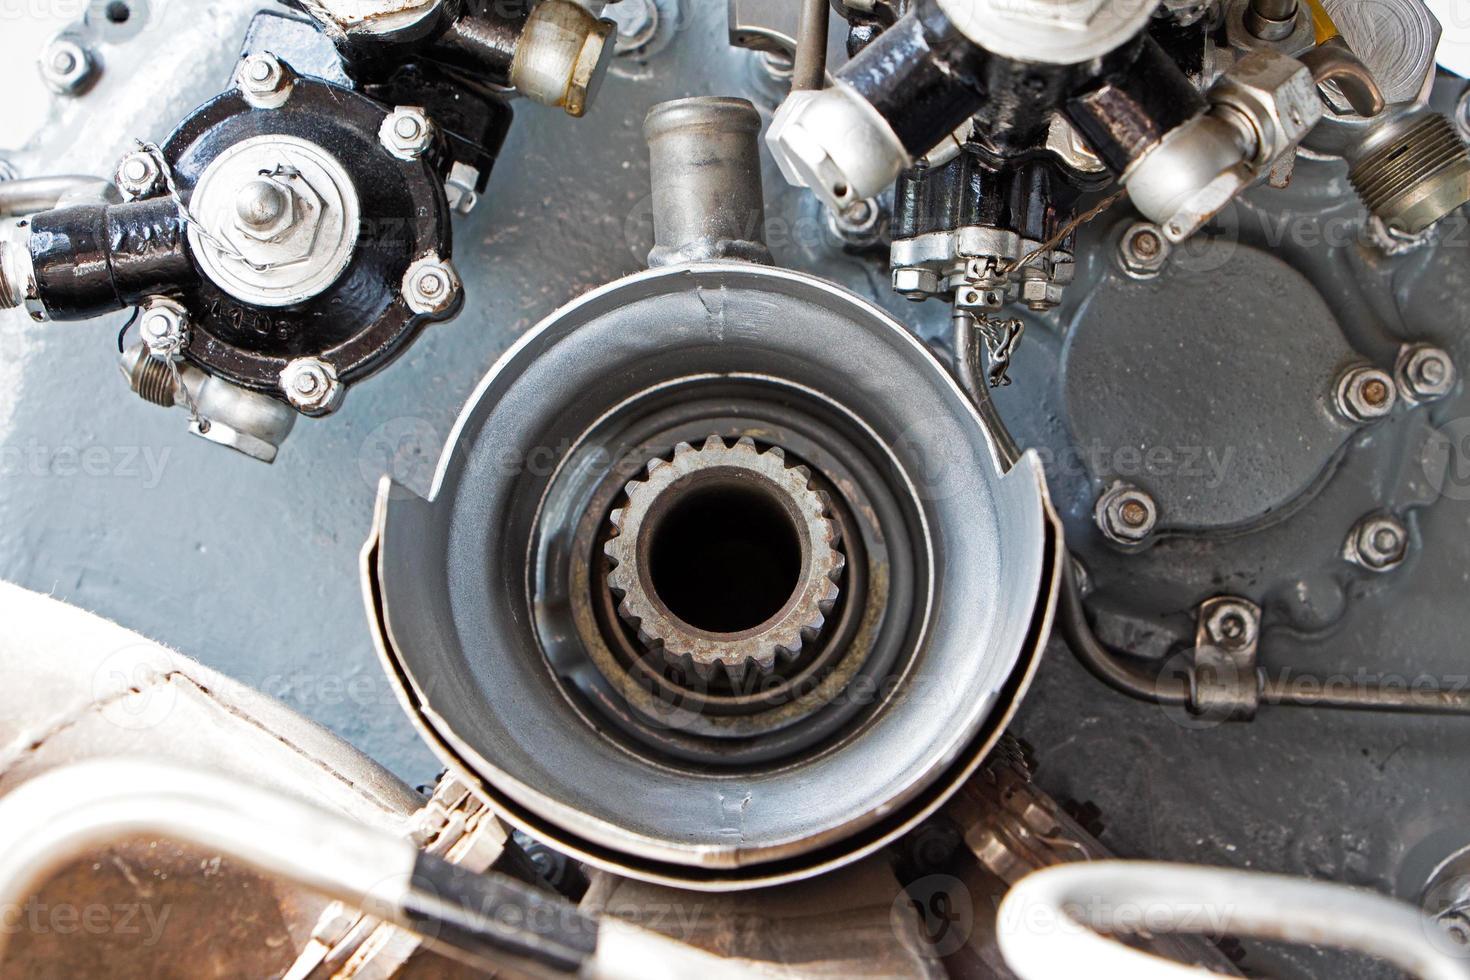 mechanische details van de oude turbinemotor foto